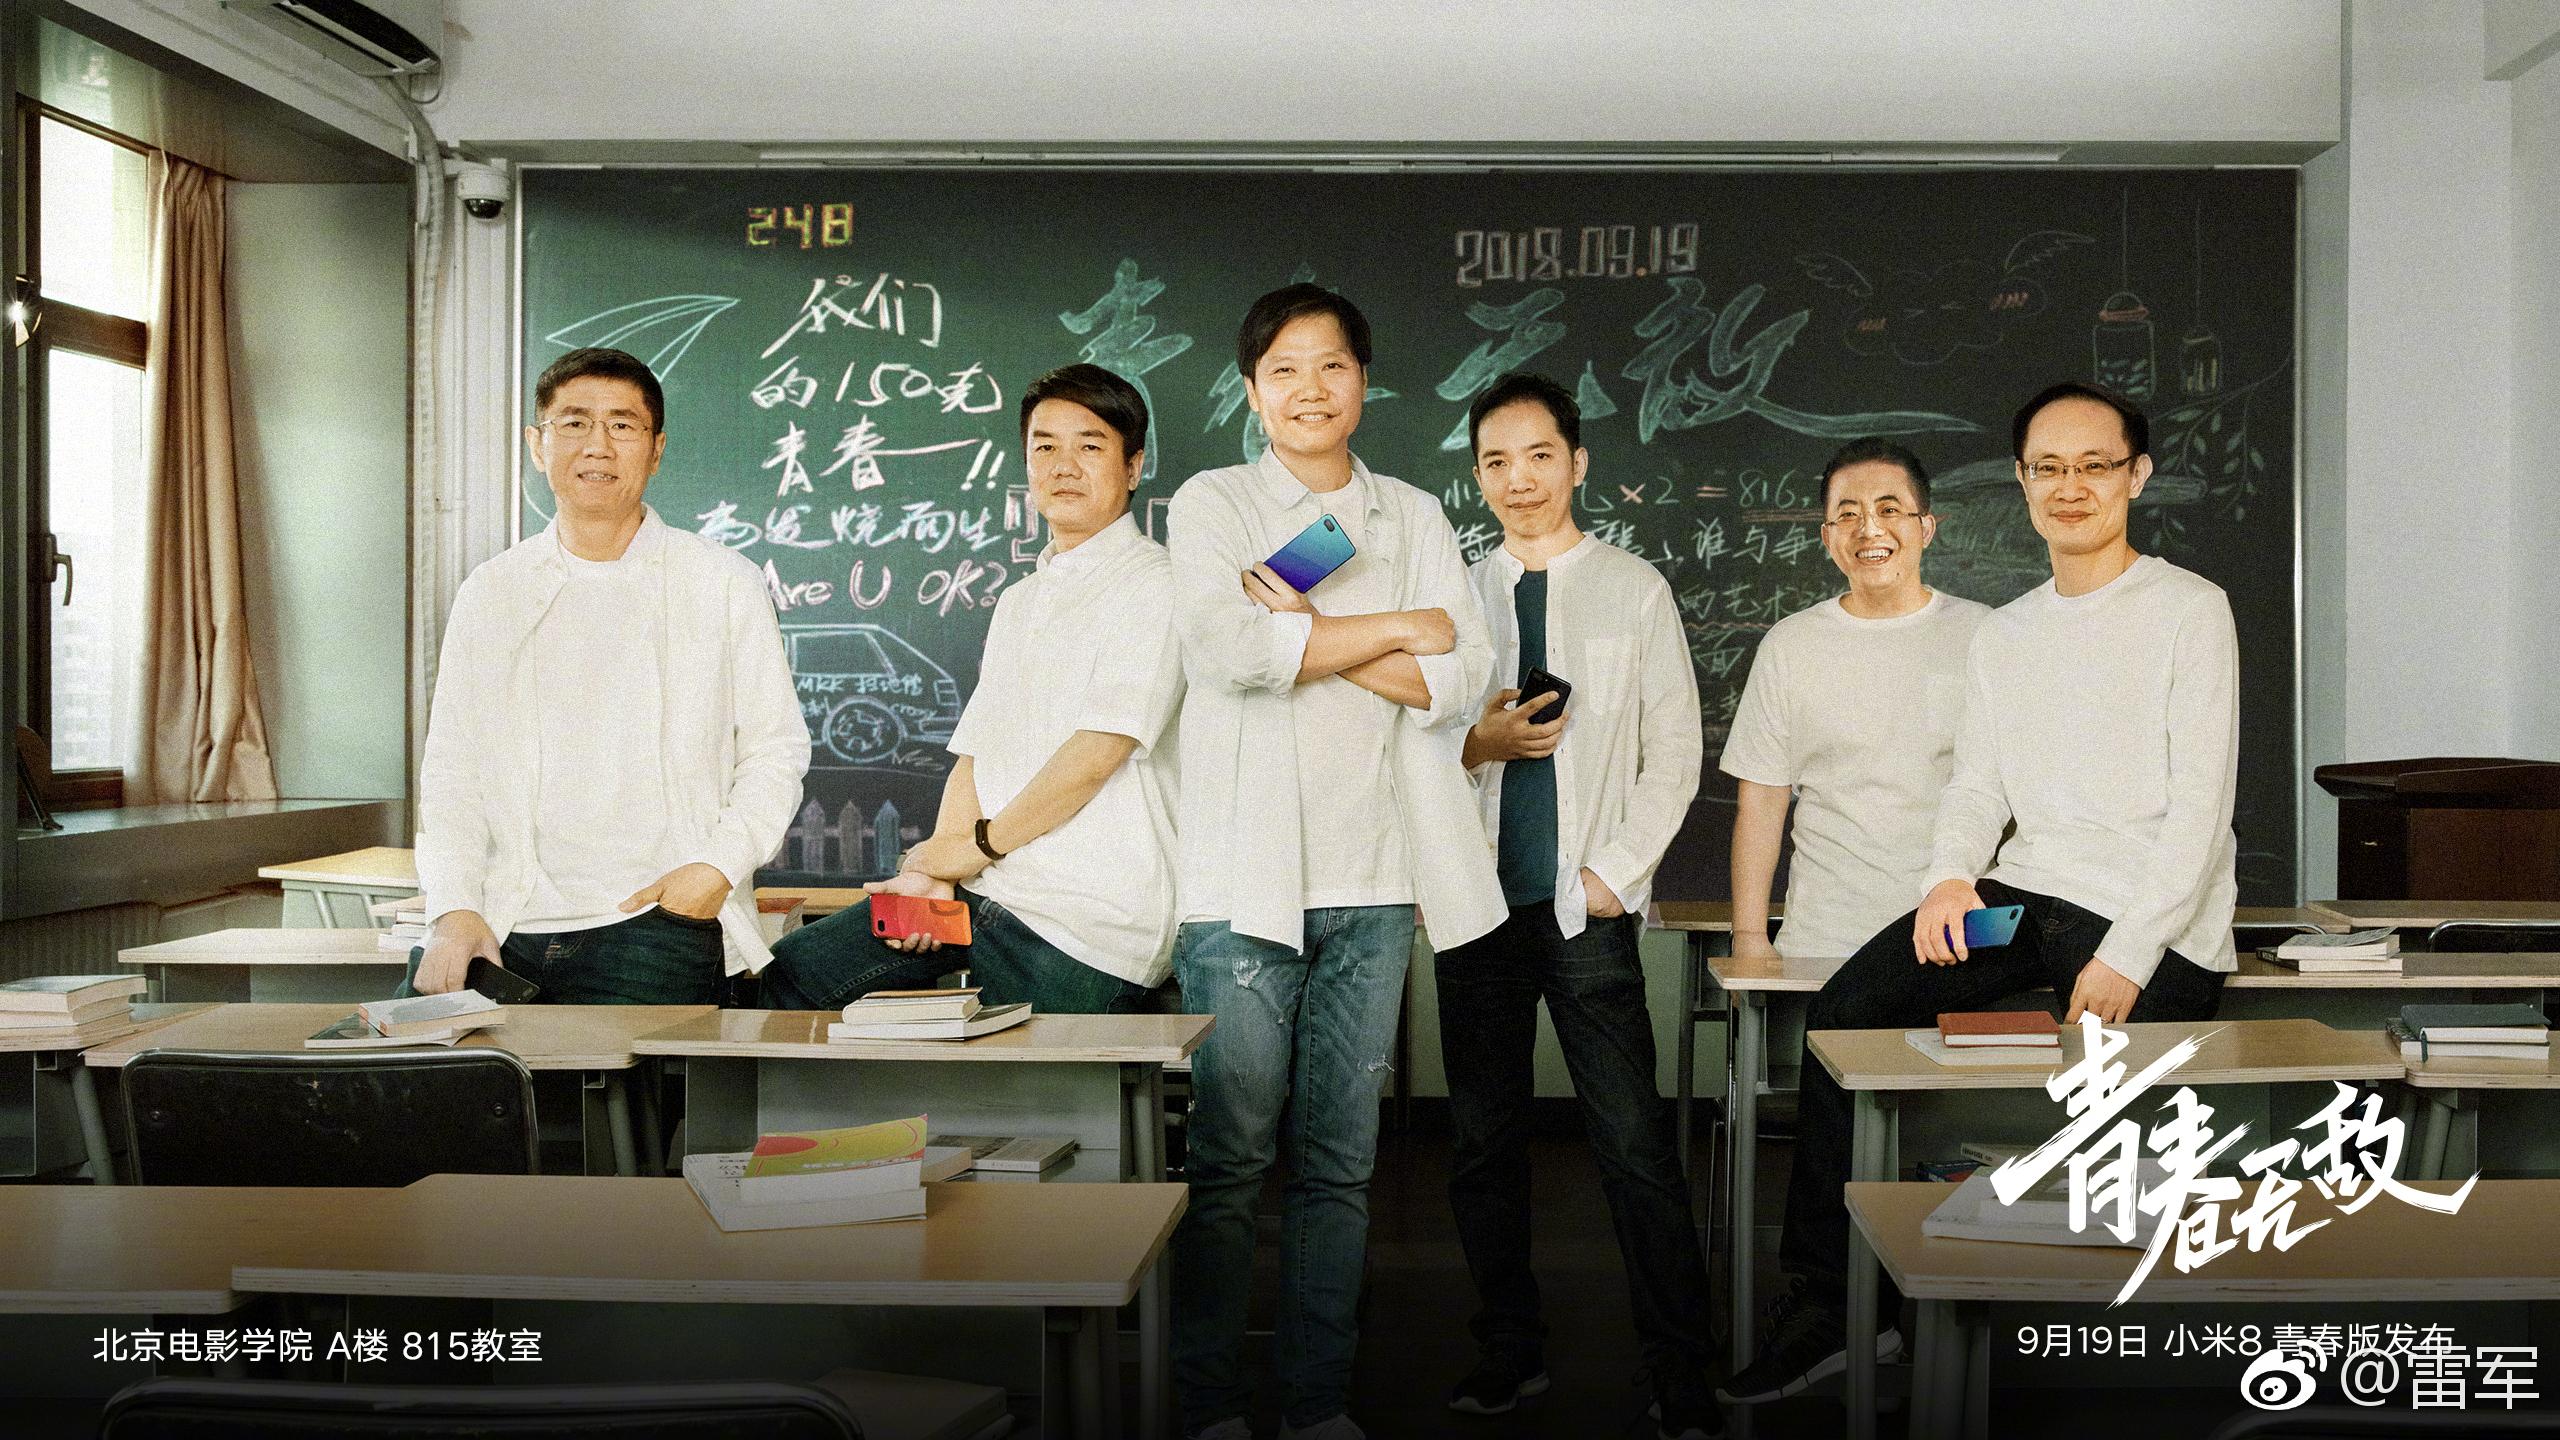 雷军发布小米8青春版宣传照,网友对比6年前感慨:岁月是把杀猪刀